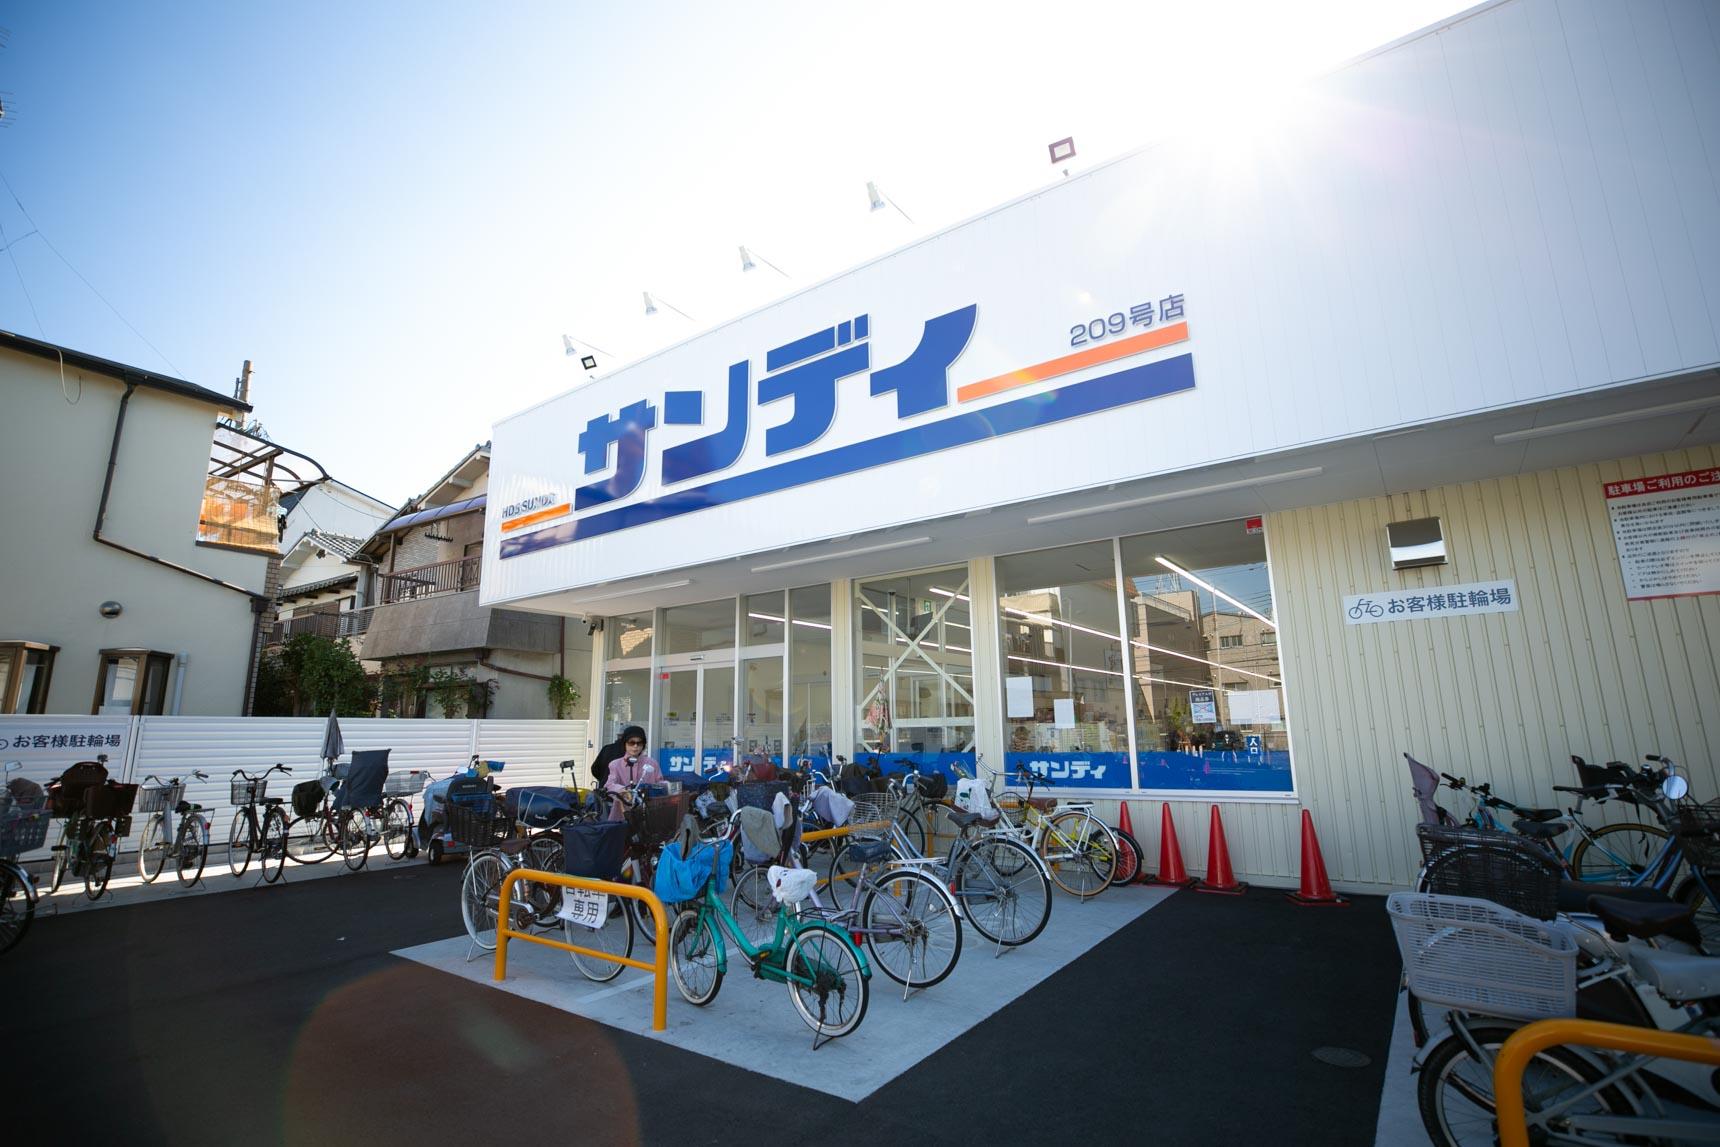 スーパーやコンビニ、郵便局、100円ショップやドラッグストアなど、生活に便利な施設も揃っています。